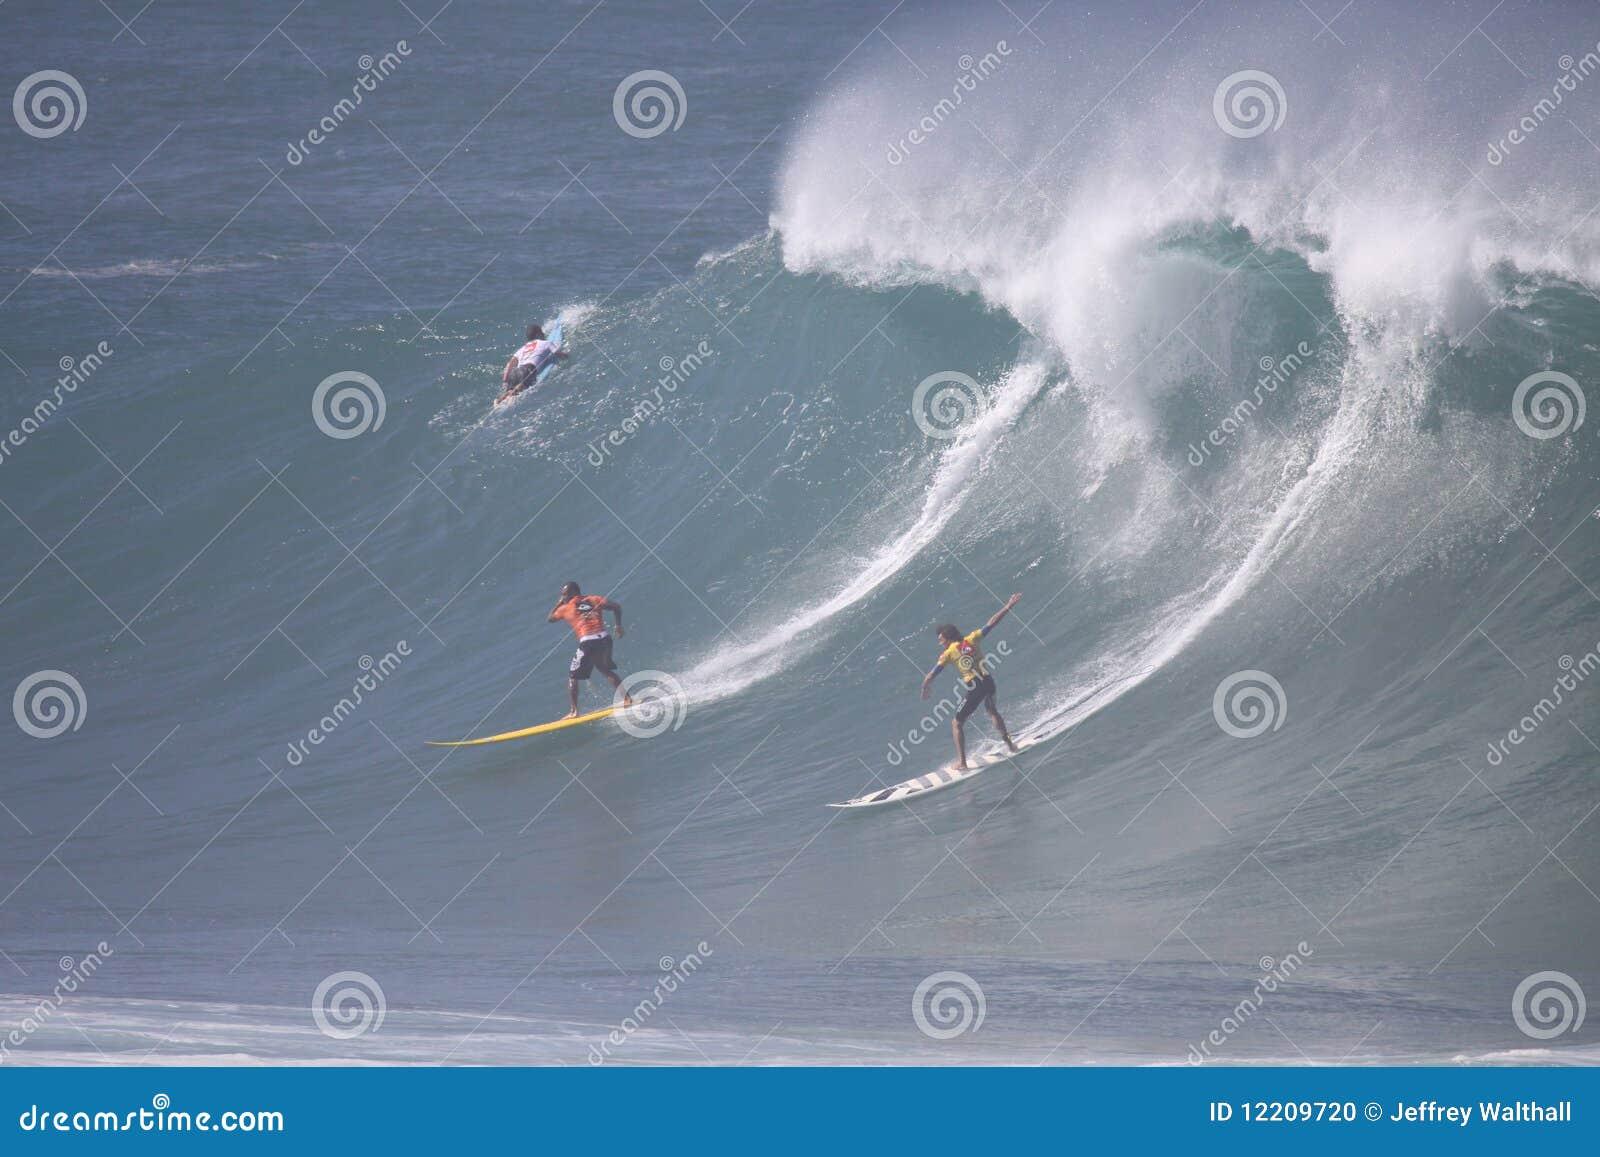 2009 Kwik Eddie Aikau Big Wave Event